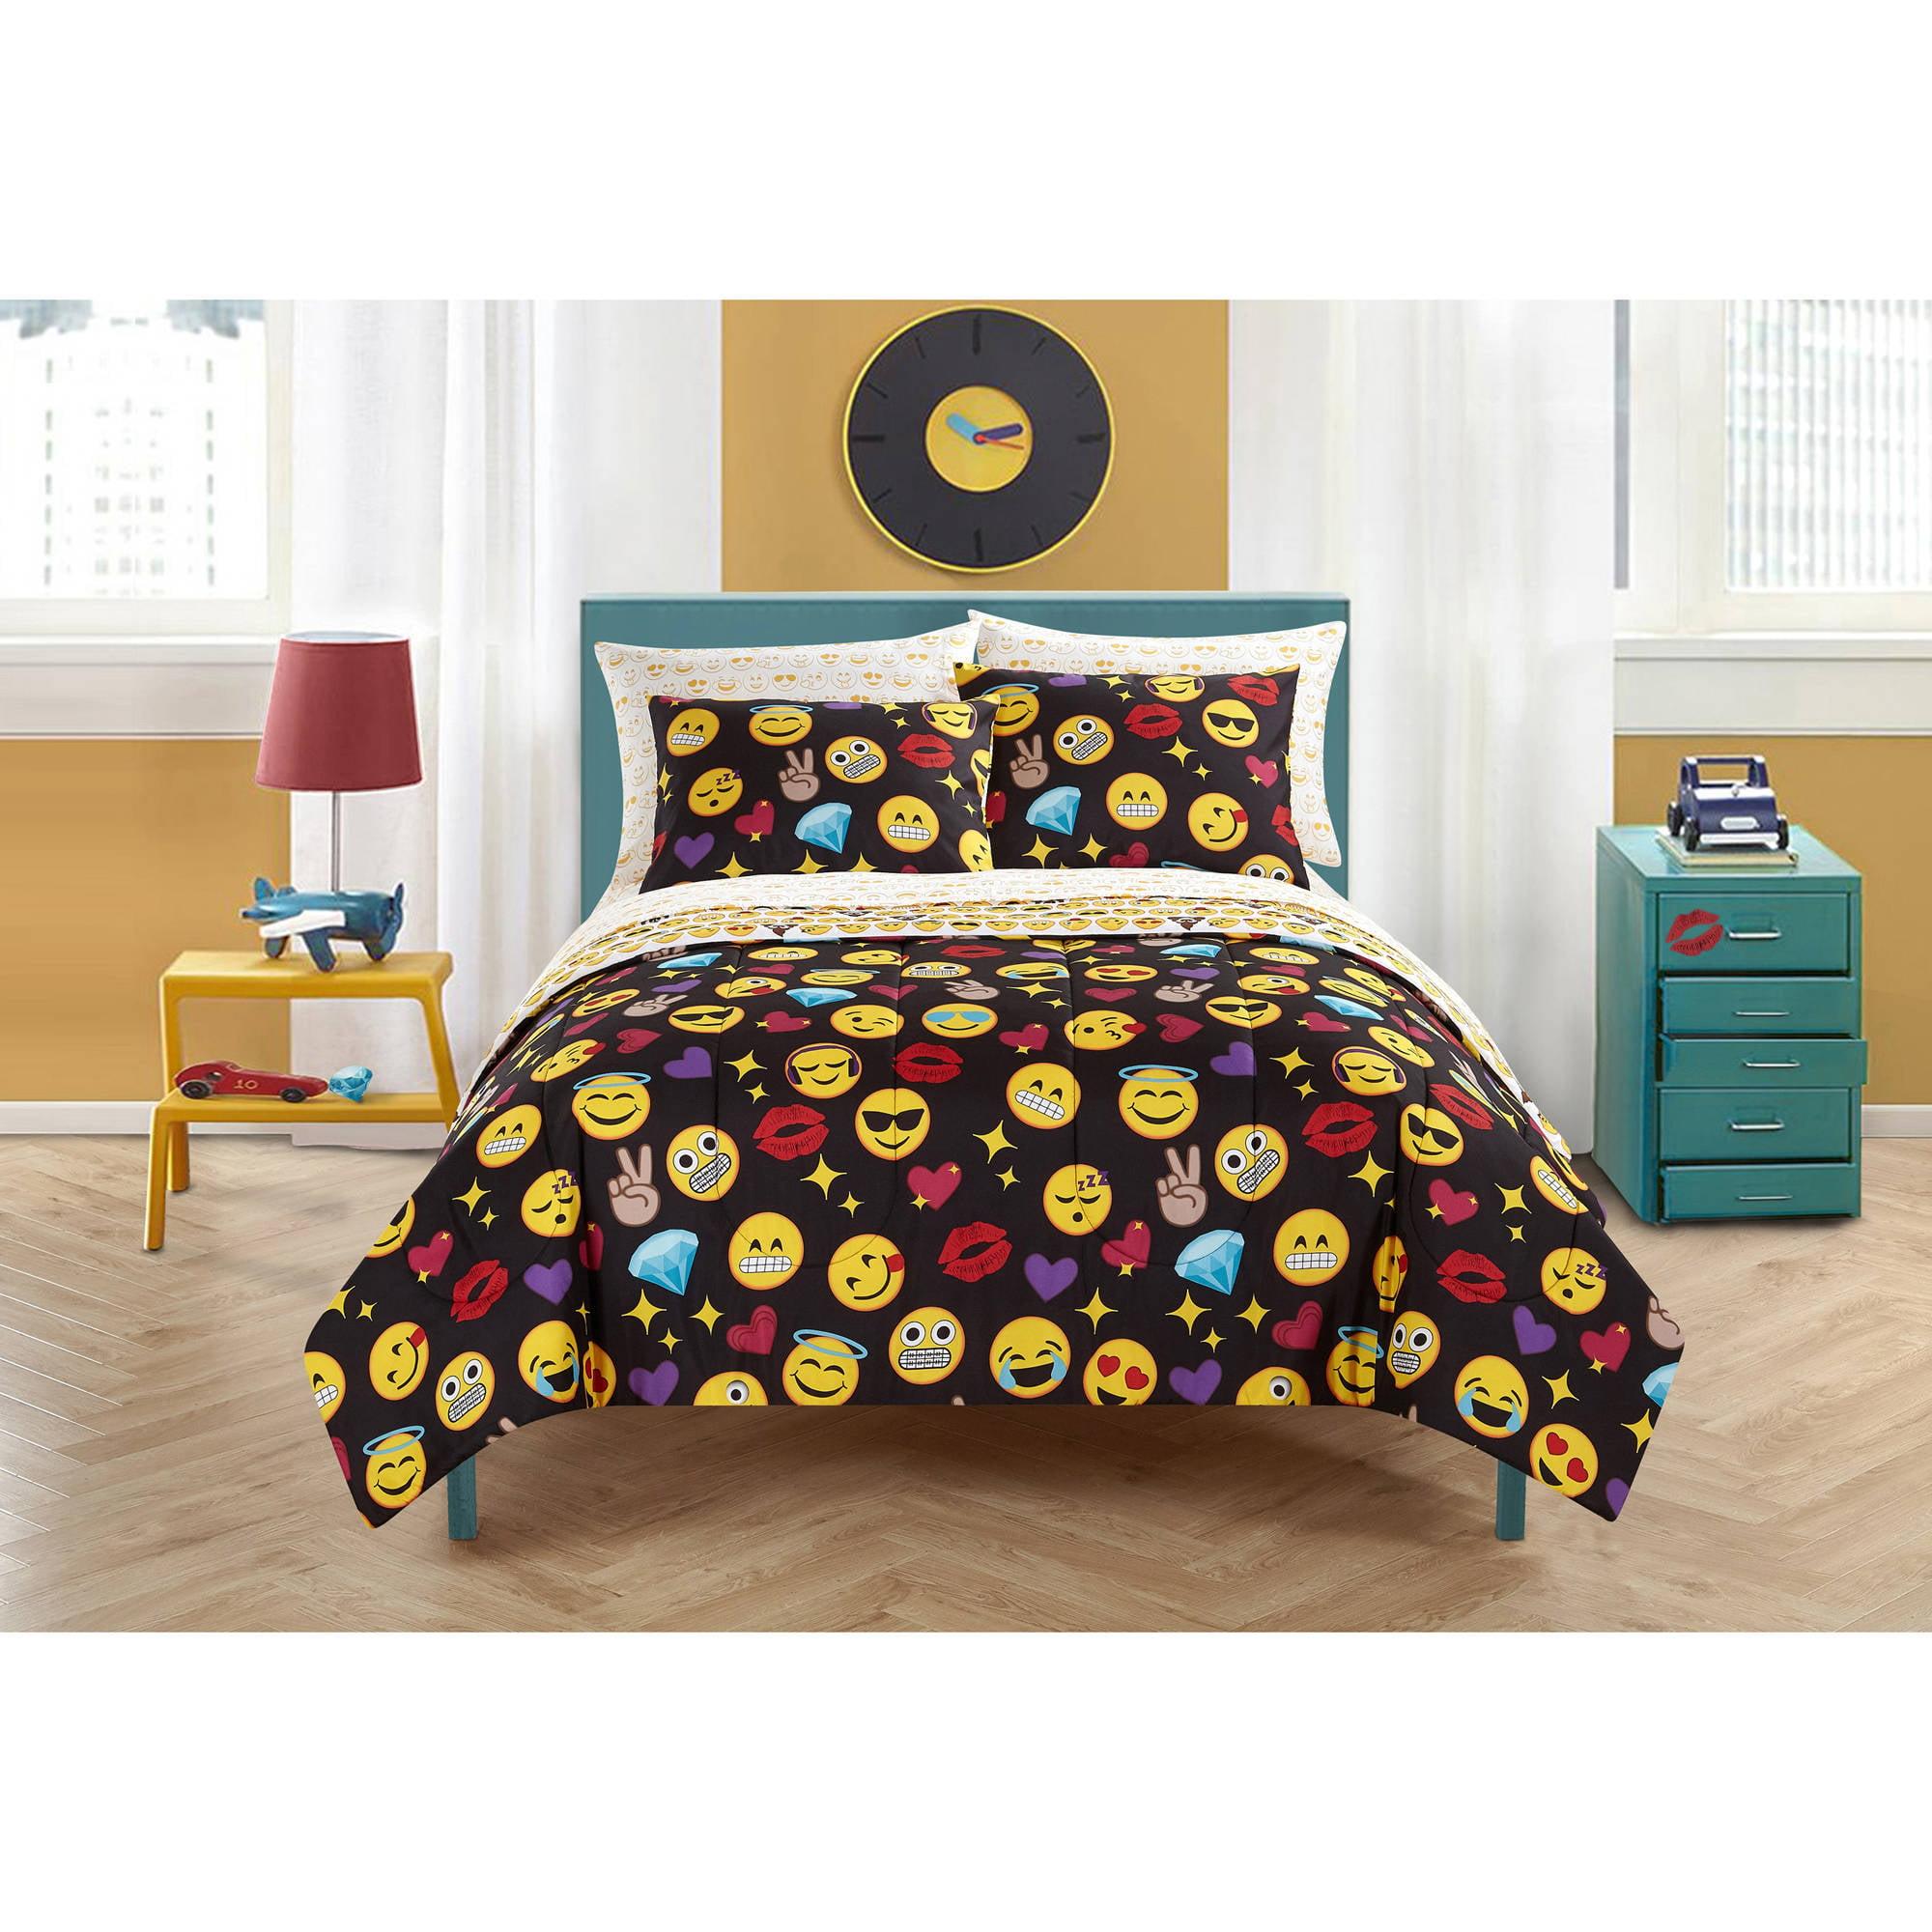 Emoji Pals Bed In A Bag Bedding Set Walmart Com